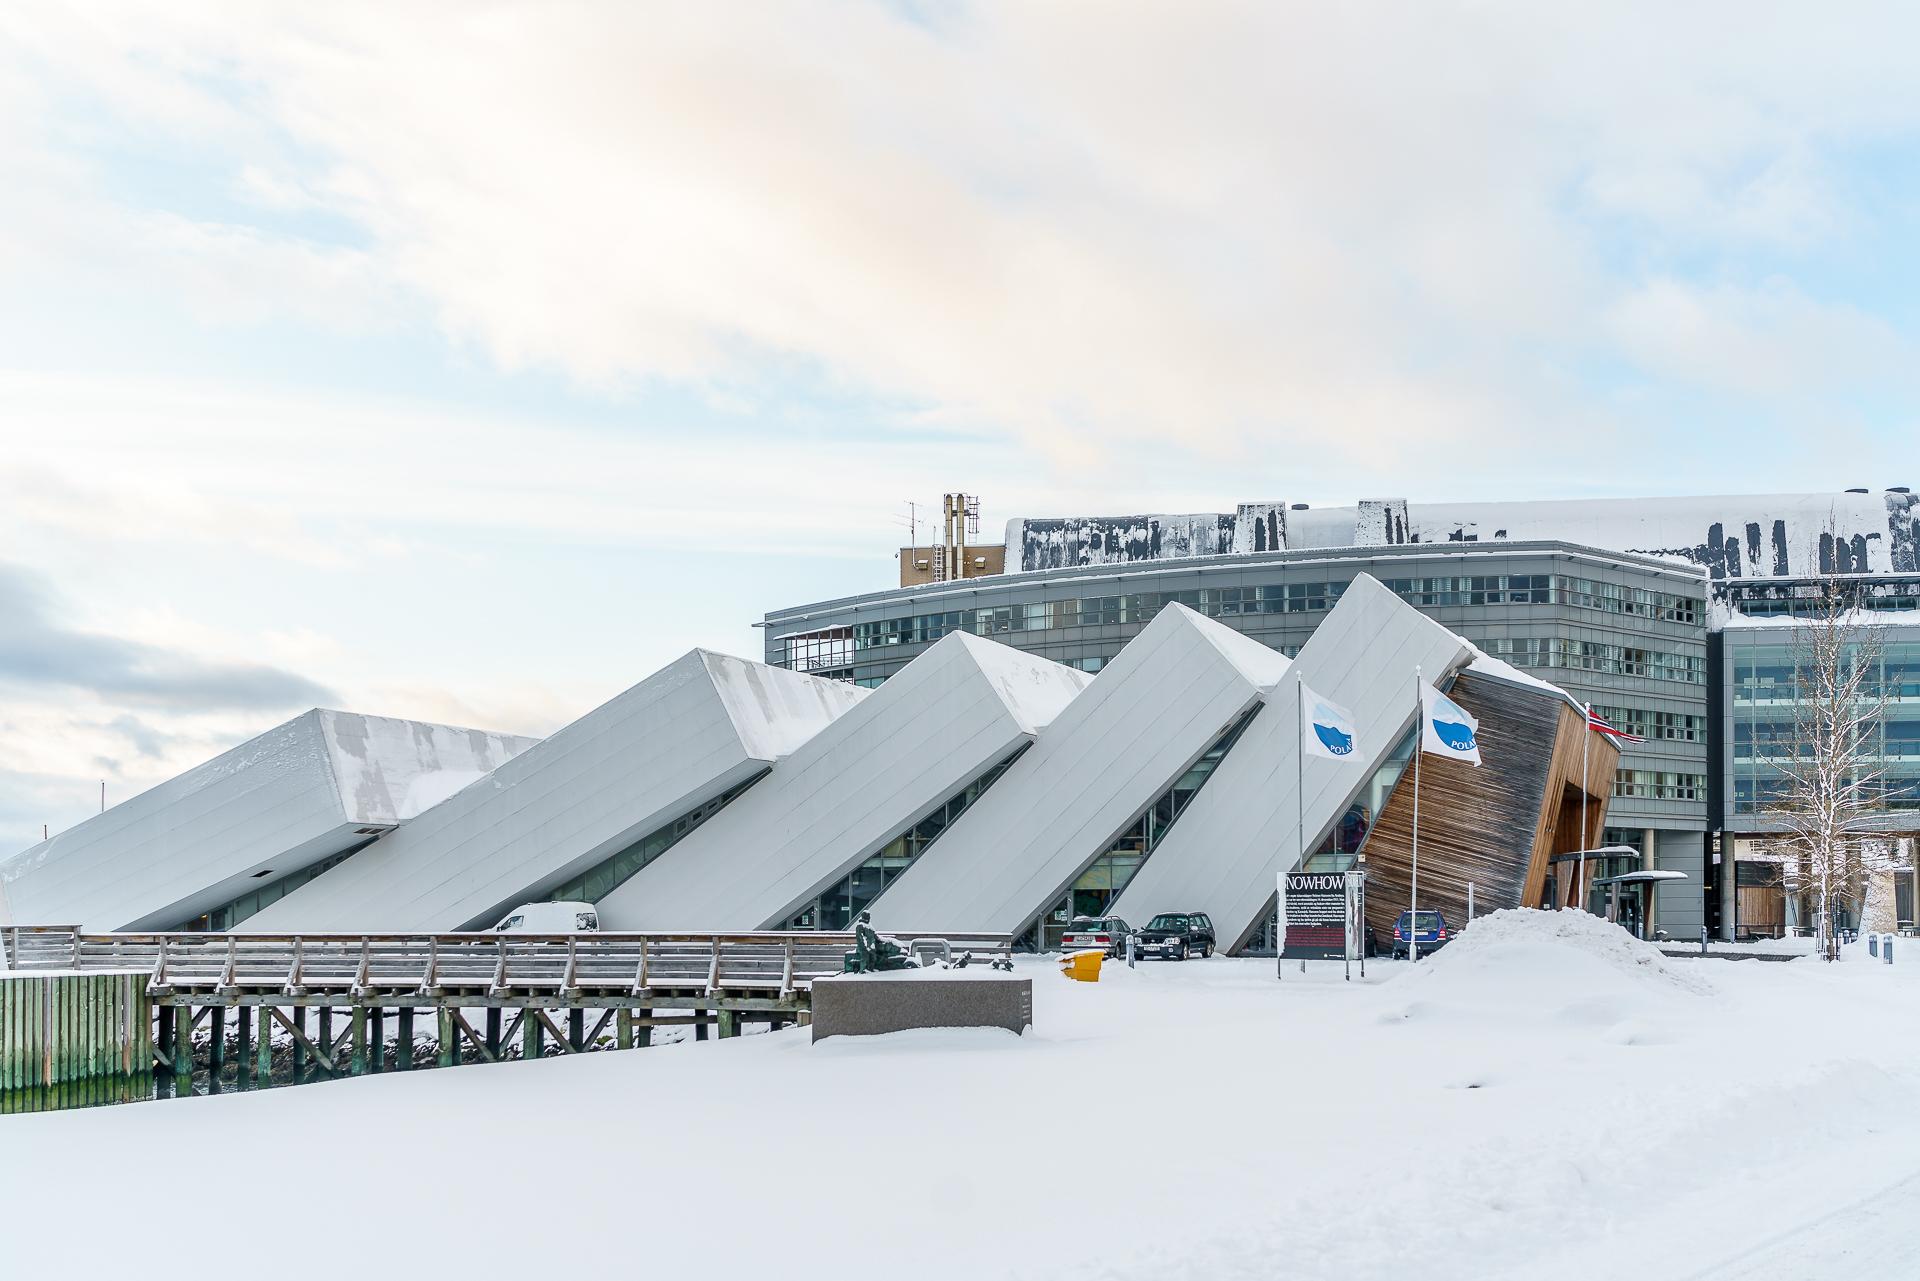 Polaria-Tromso